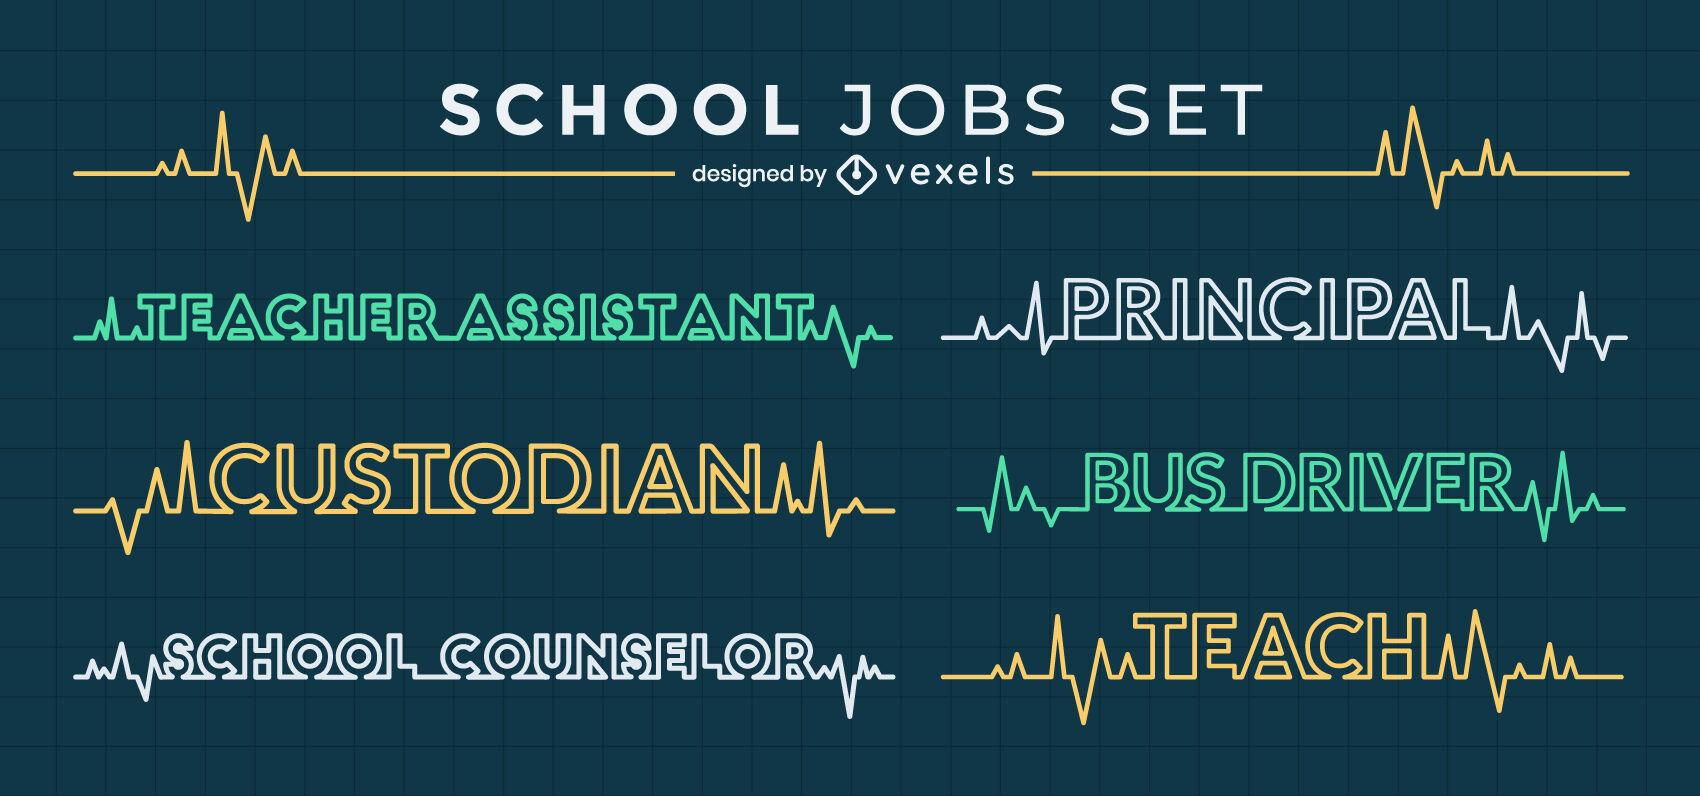 Conjunto de líneas de frecuencia cardíaca de educación de trabajos escolares